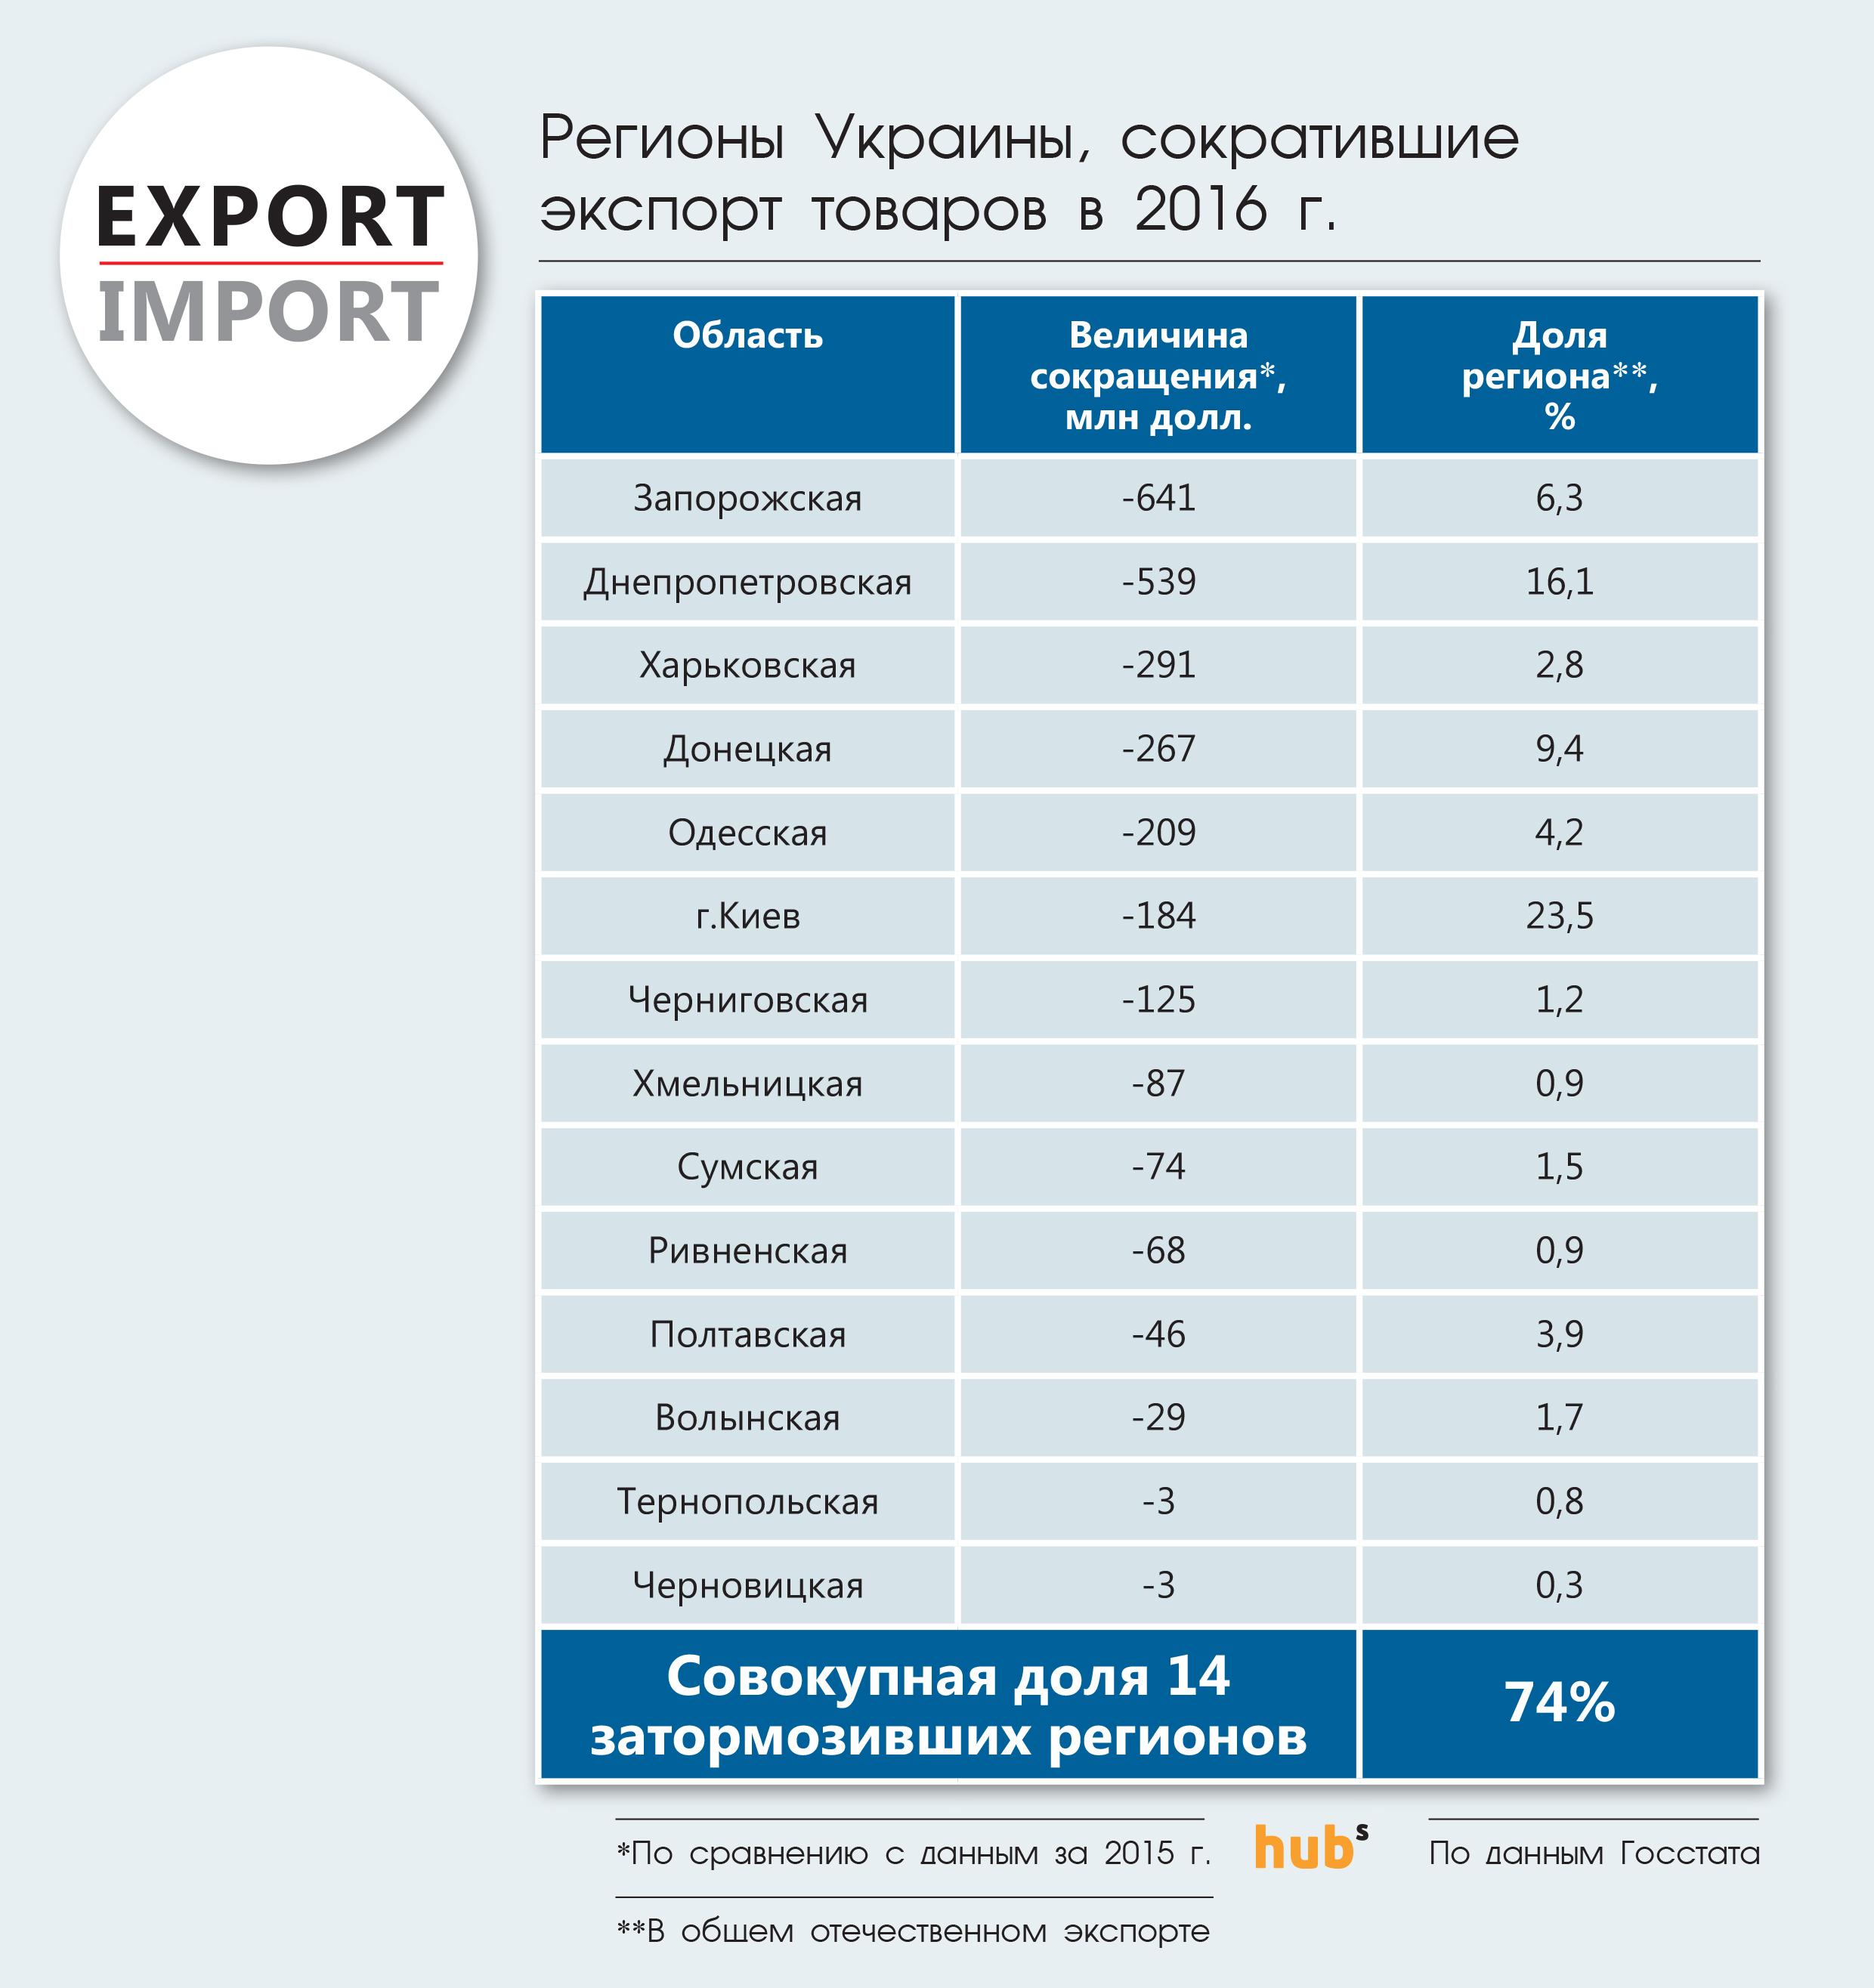 Регионы Украины, сократившие экспорт товаров в 2016 г.